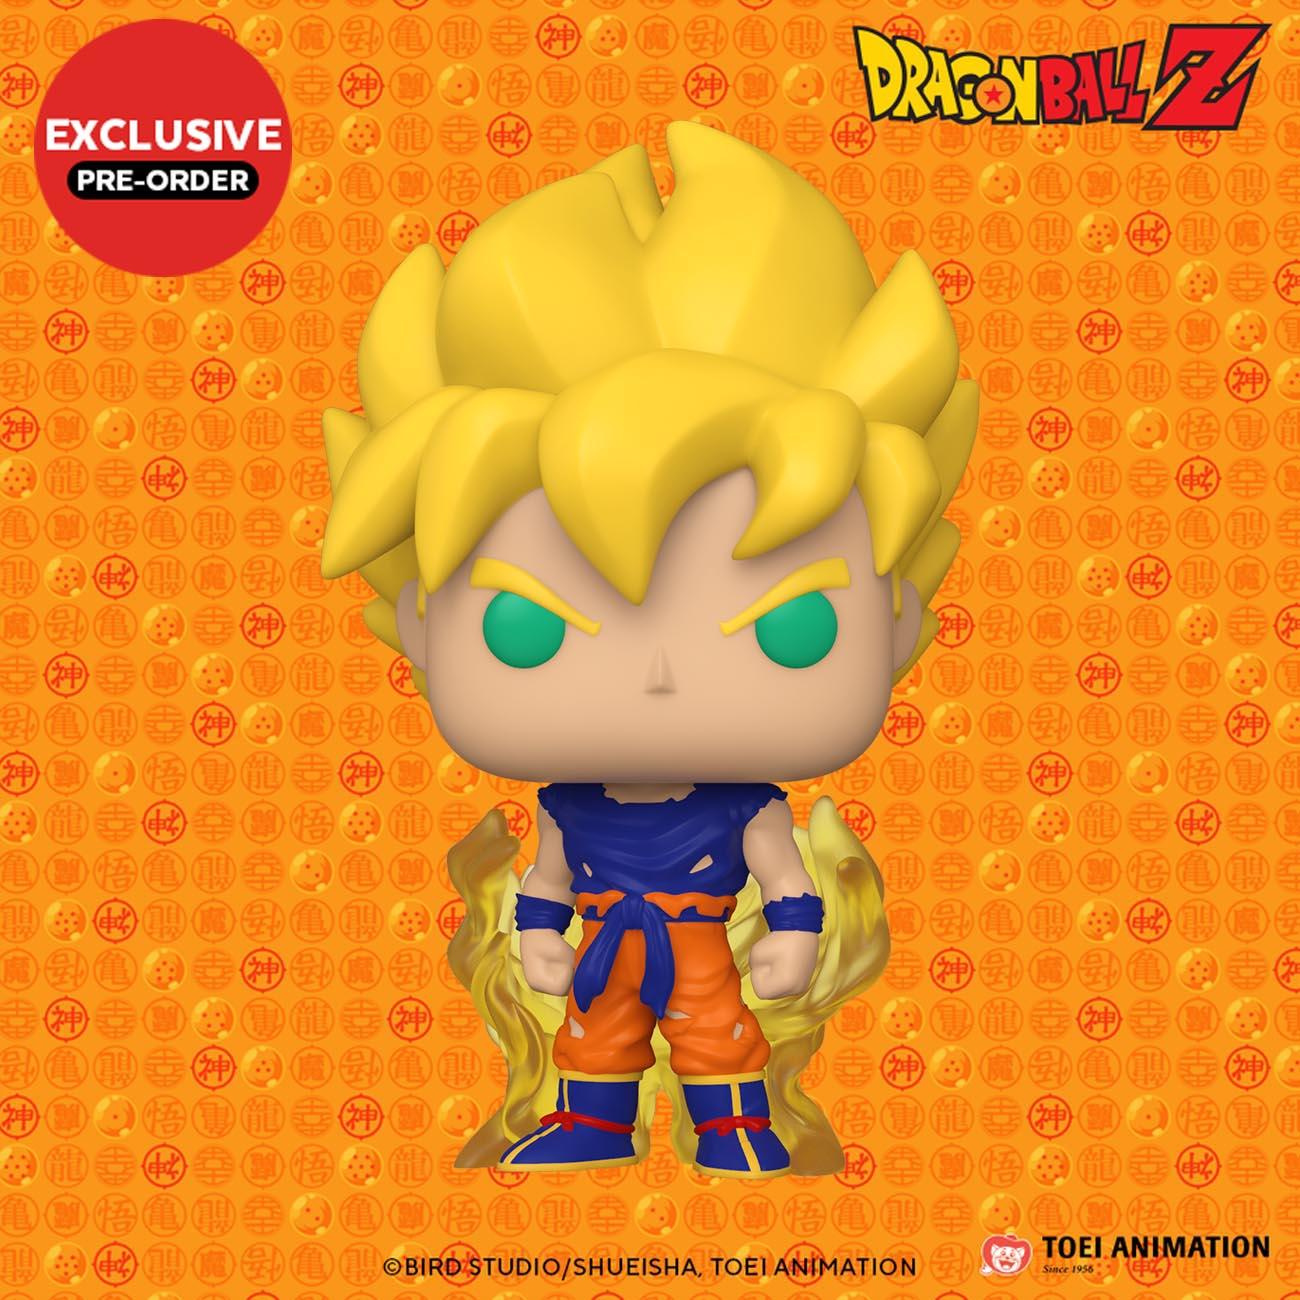 2019 Hot Dual Color Dragon Ball Z Figure Son Goku Super Saiyan God Goku Action Figures 3D Illusion Table Lamp 7 Color Changing Night Light Boys Child Kids Baby Gifts Christmas Xmas Birthday